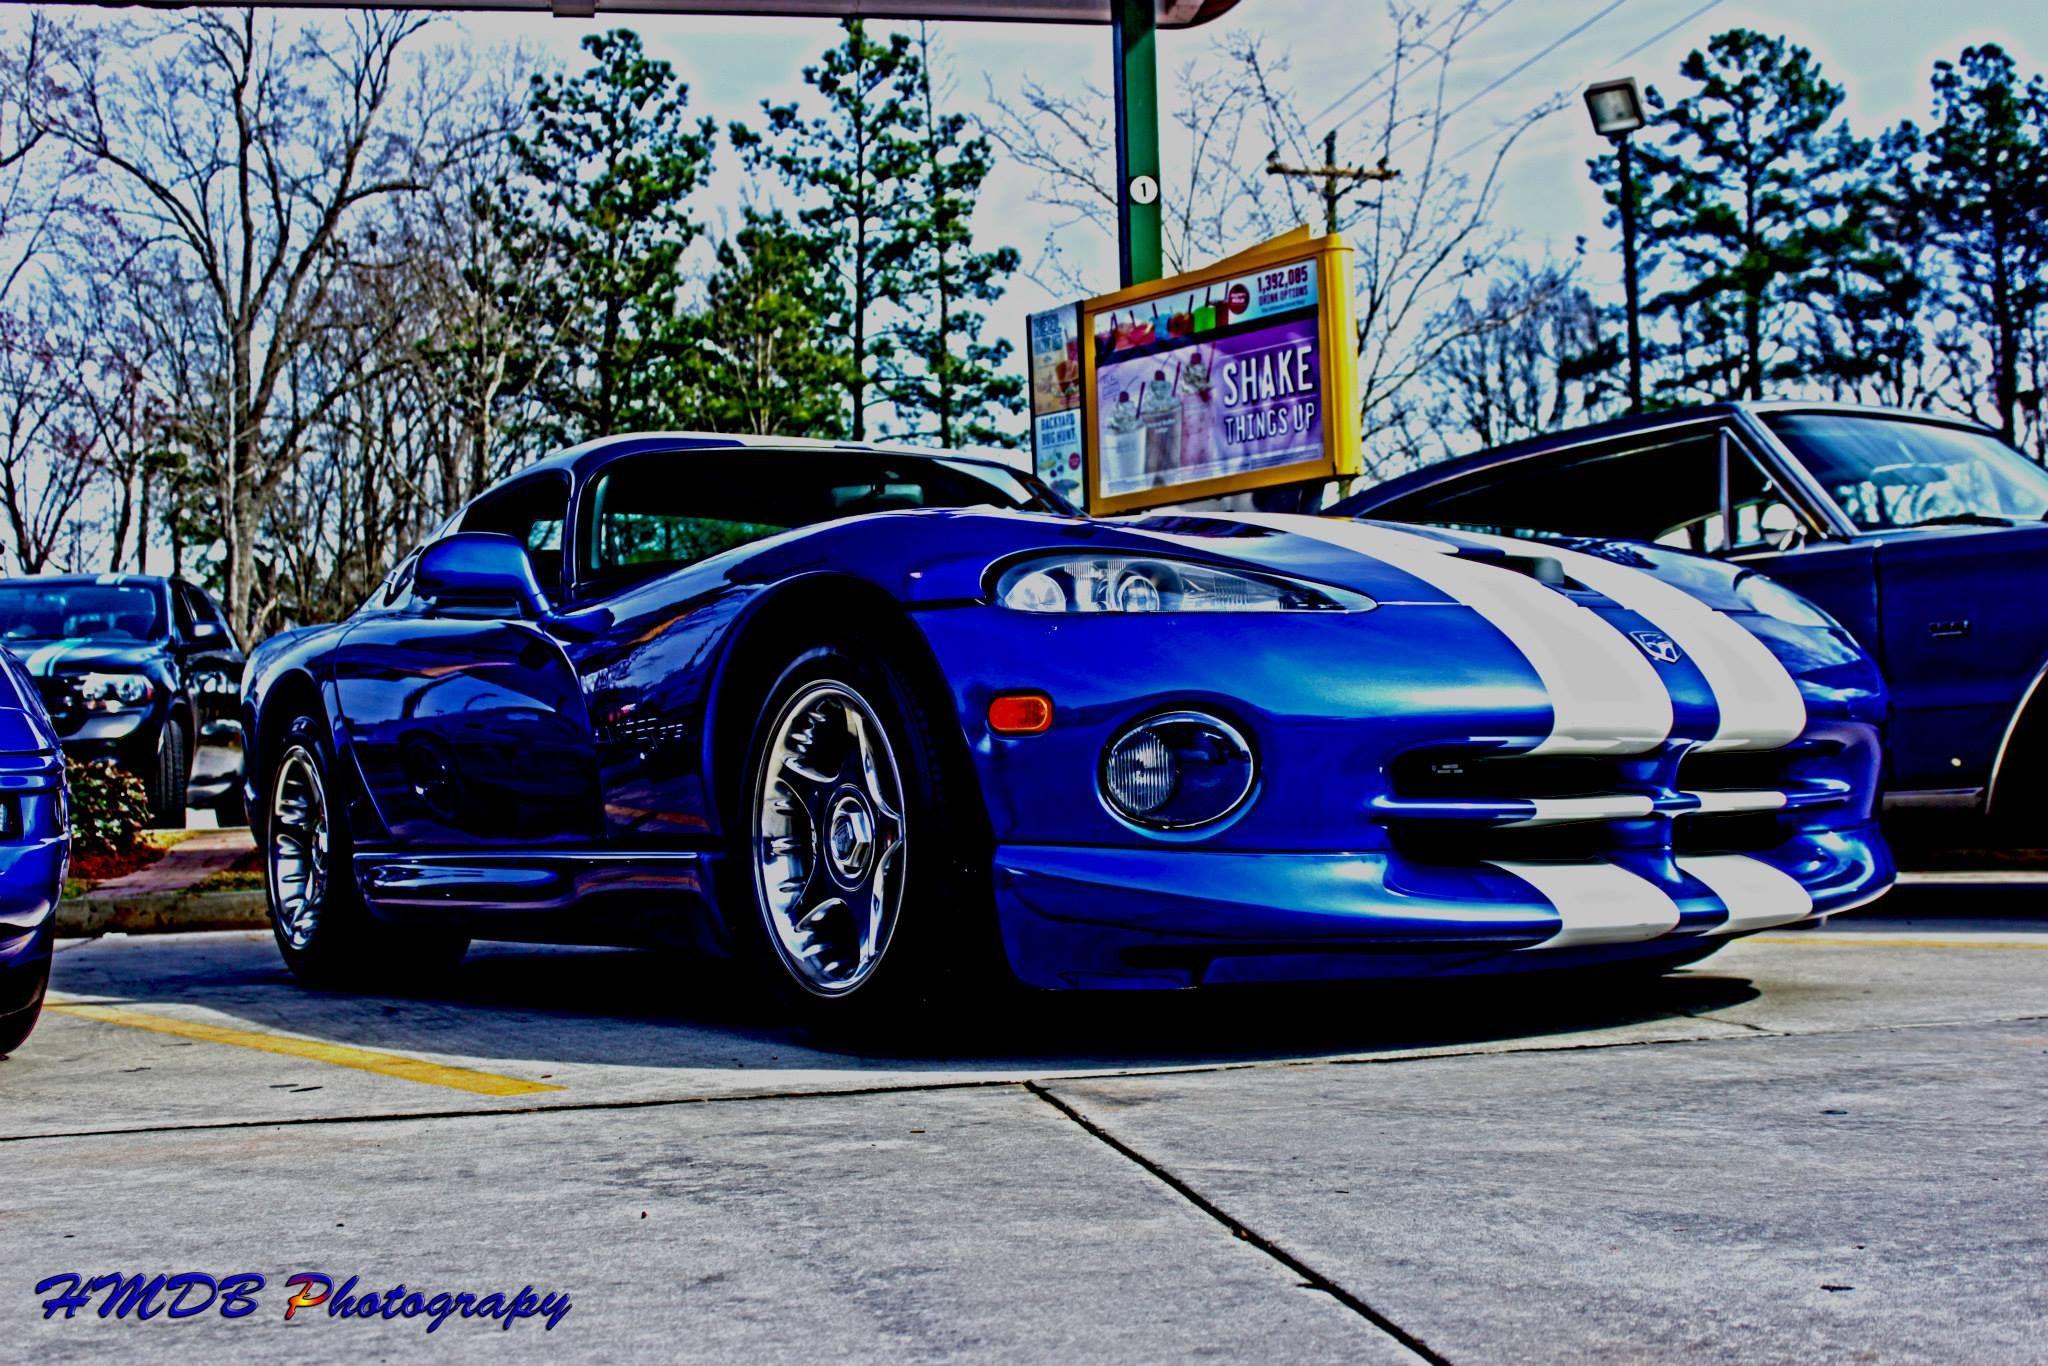 Dodge Viper Dodge Viper Sports Car Automotive